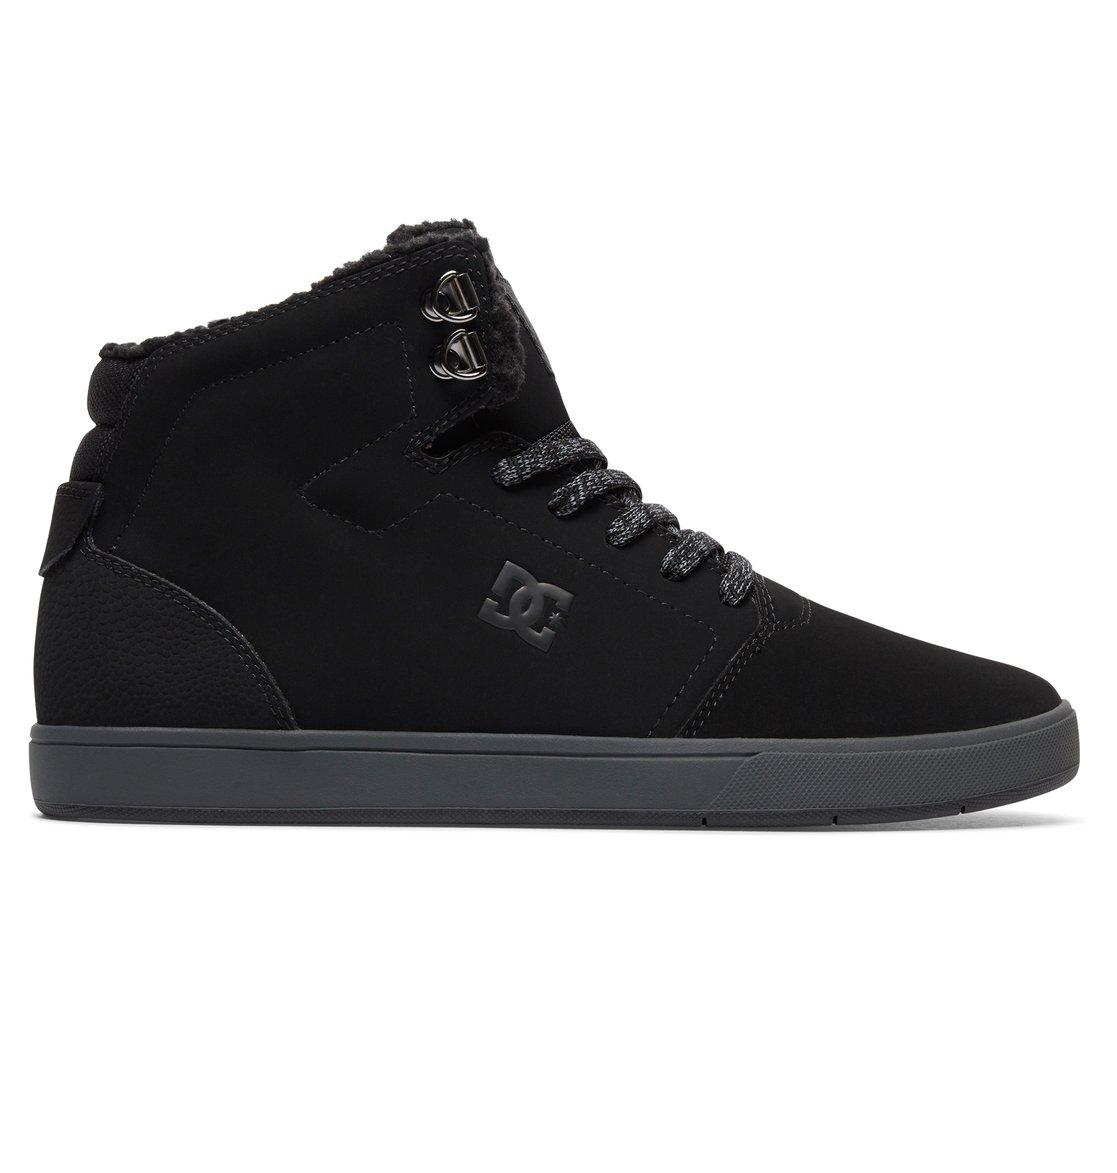 617e229c55 0 Crisis WNT - Winterized Mid-Top Shoes for Men Black ADYS100116 DC Shoes